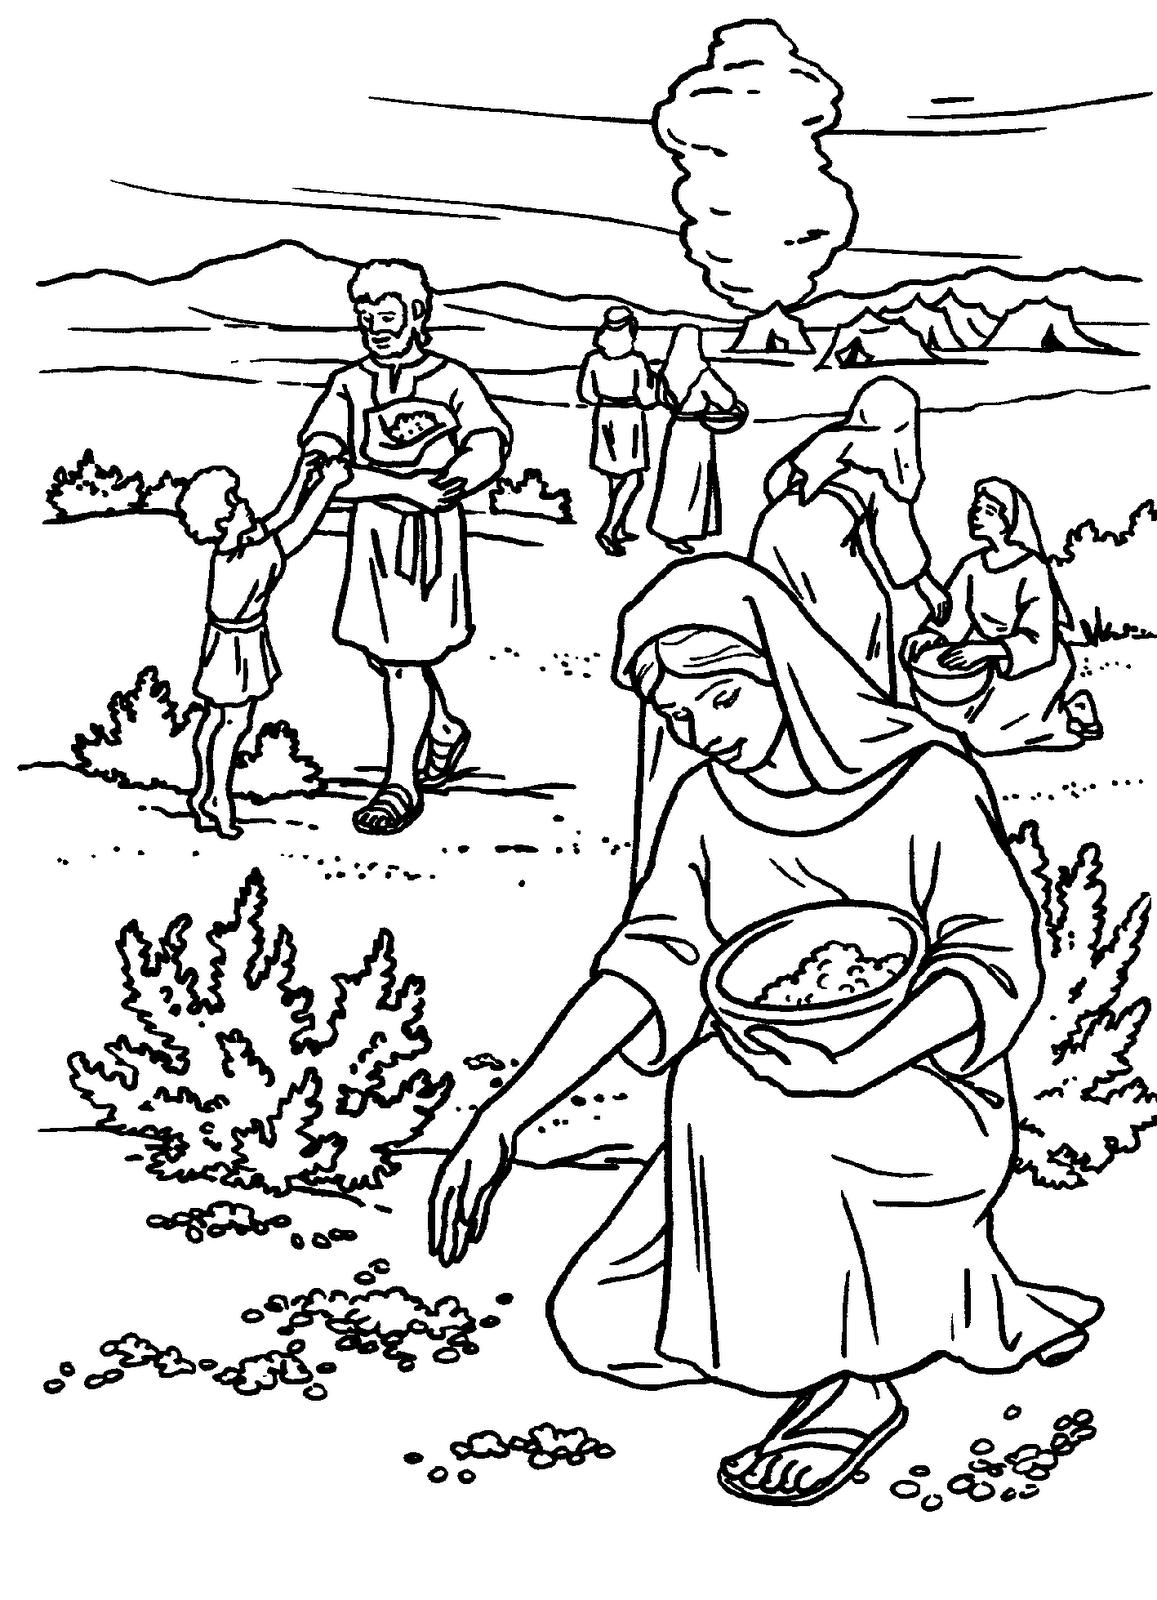 Dibujo del Pueblo de Israel recogiendo maná para colorear | Bible ...